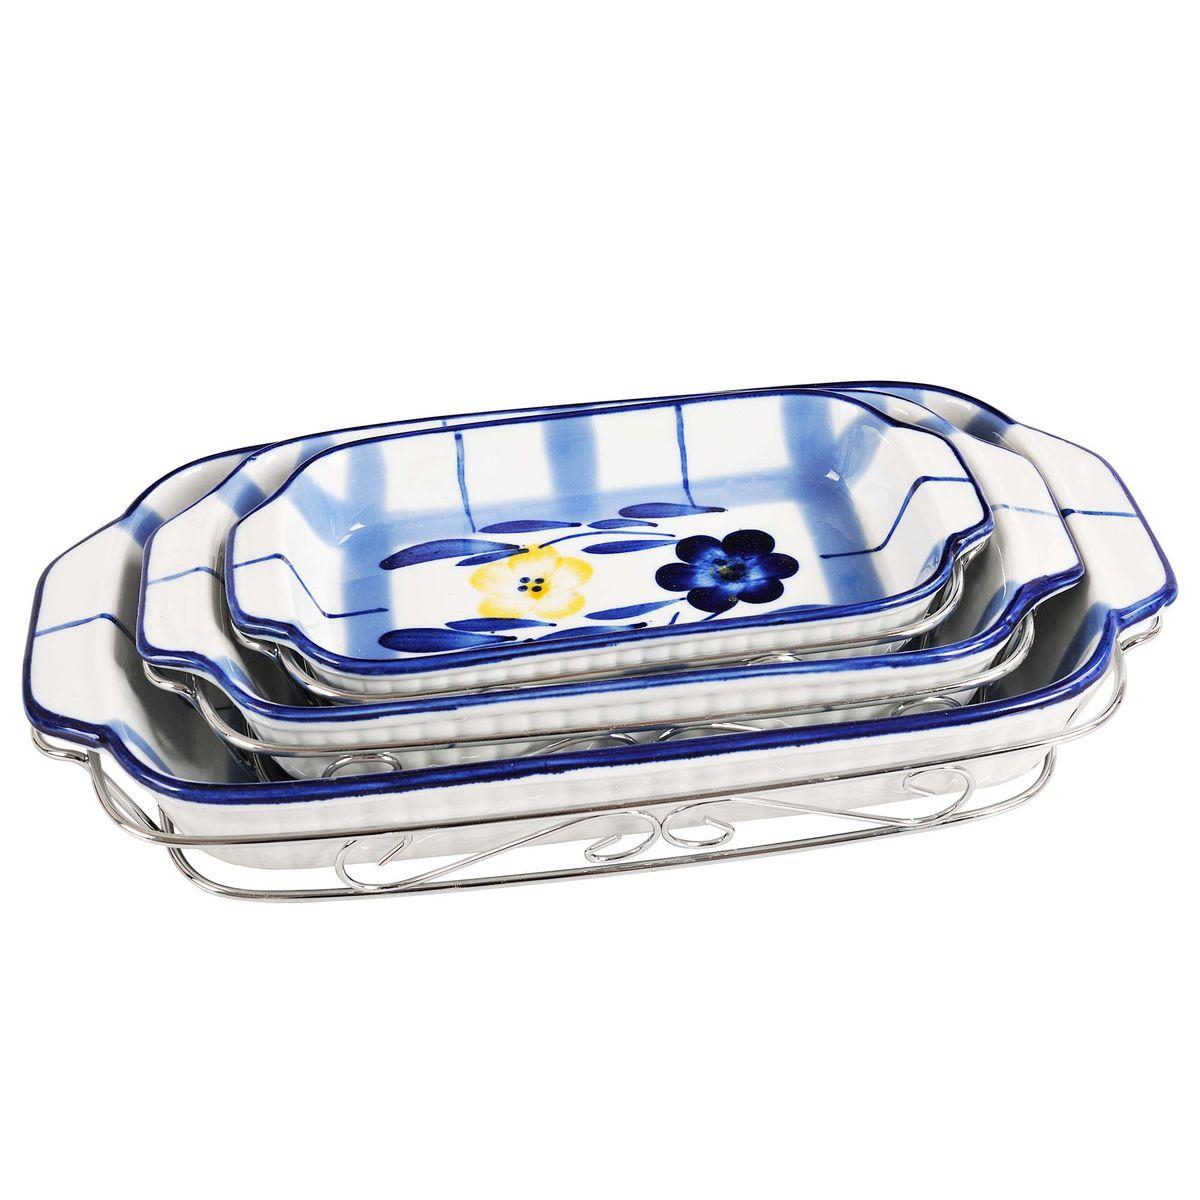 Набор форм для запекания Bekker, с подставками, 6 предметовBK-7308Набор Bekker состоит из 3 форм для запекания, выполненных извысококачественной жаропрочной керамики. Изделия имеют глазурованноепокрытие, котороезащищает поверхность от истирания и облегчает чистку.Формы для запекания Bekkerпрекрасно подойдут для запекания овощей, мяса и других блюд, а оригинальныйдизайн ияркое оформление украсят ваш стол. В комплект входя также 3 металлические подставки. Размер форм: 21 х 11 х 3 см; 25,5 х 14 х 3,5 см; 31 х 16 х 4,5 см.